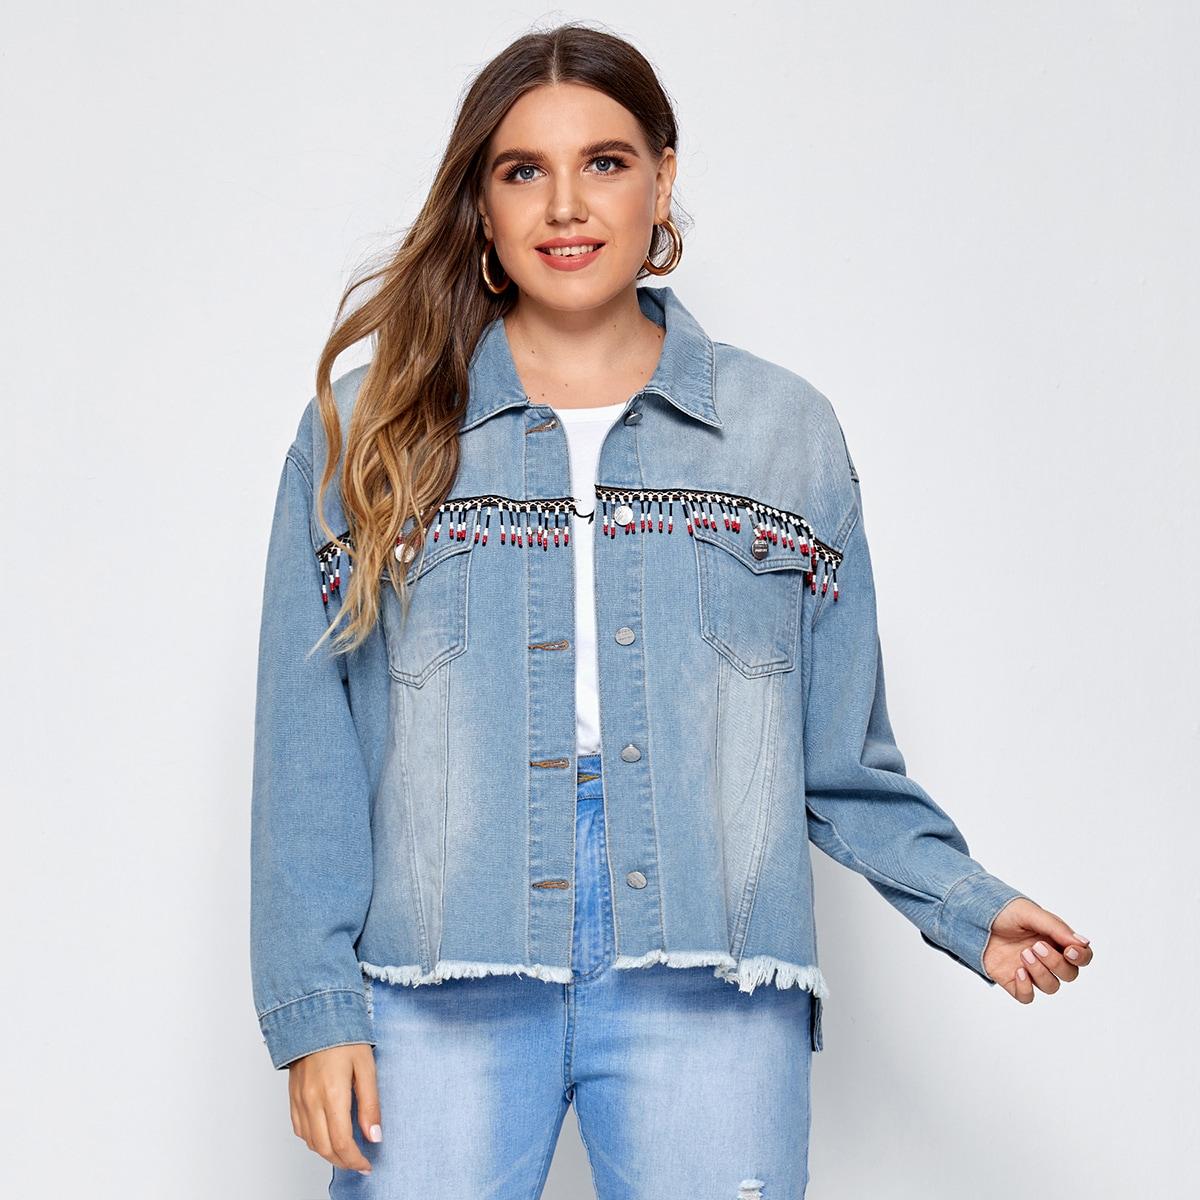 Джинсовая куртка размера плюс с карманом и бахромой